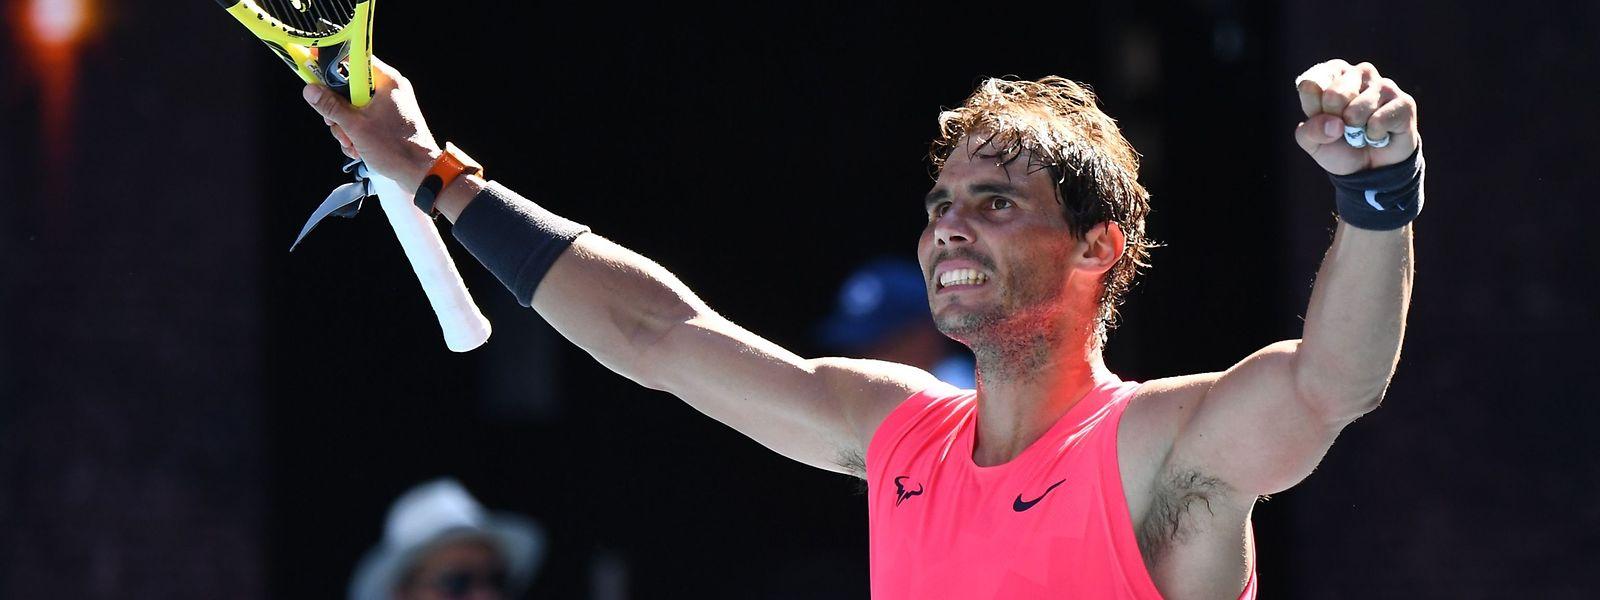 Der spanische Topstar Rafael Nadal setzte sich klar gegen seinen Landsmann Pablo Carreno Busta durch.